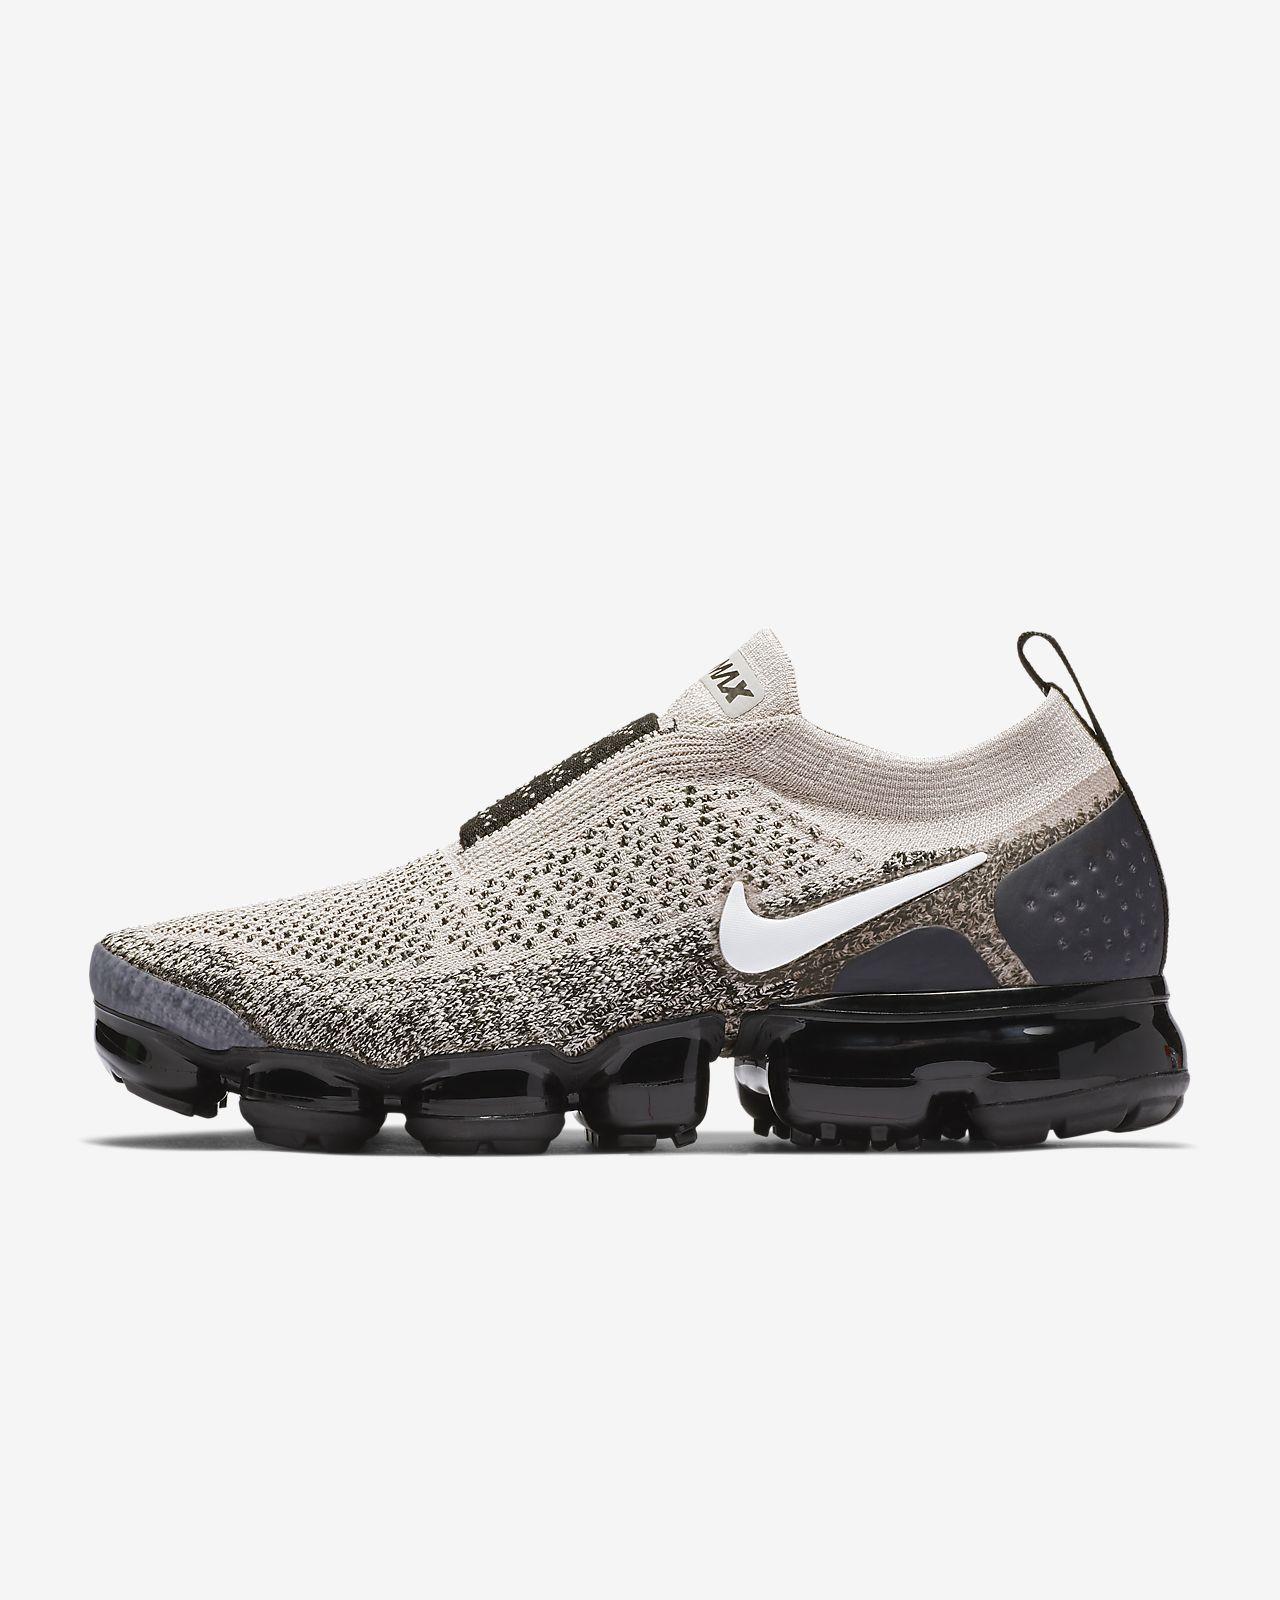 Nike Air VaporMax Flyknit Moc 2 Women's Shoe | Nike shoes women ...